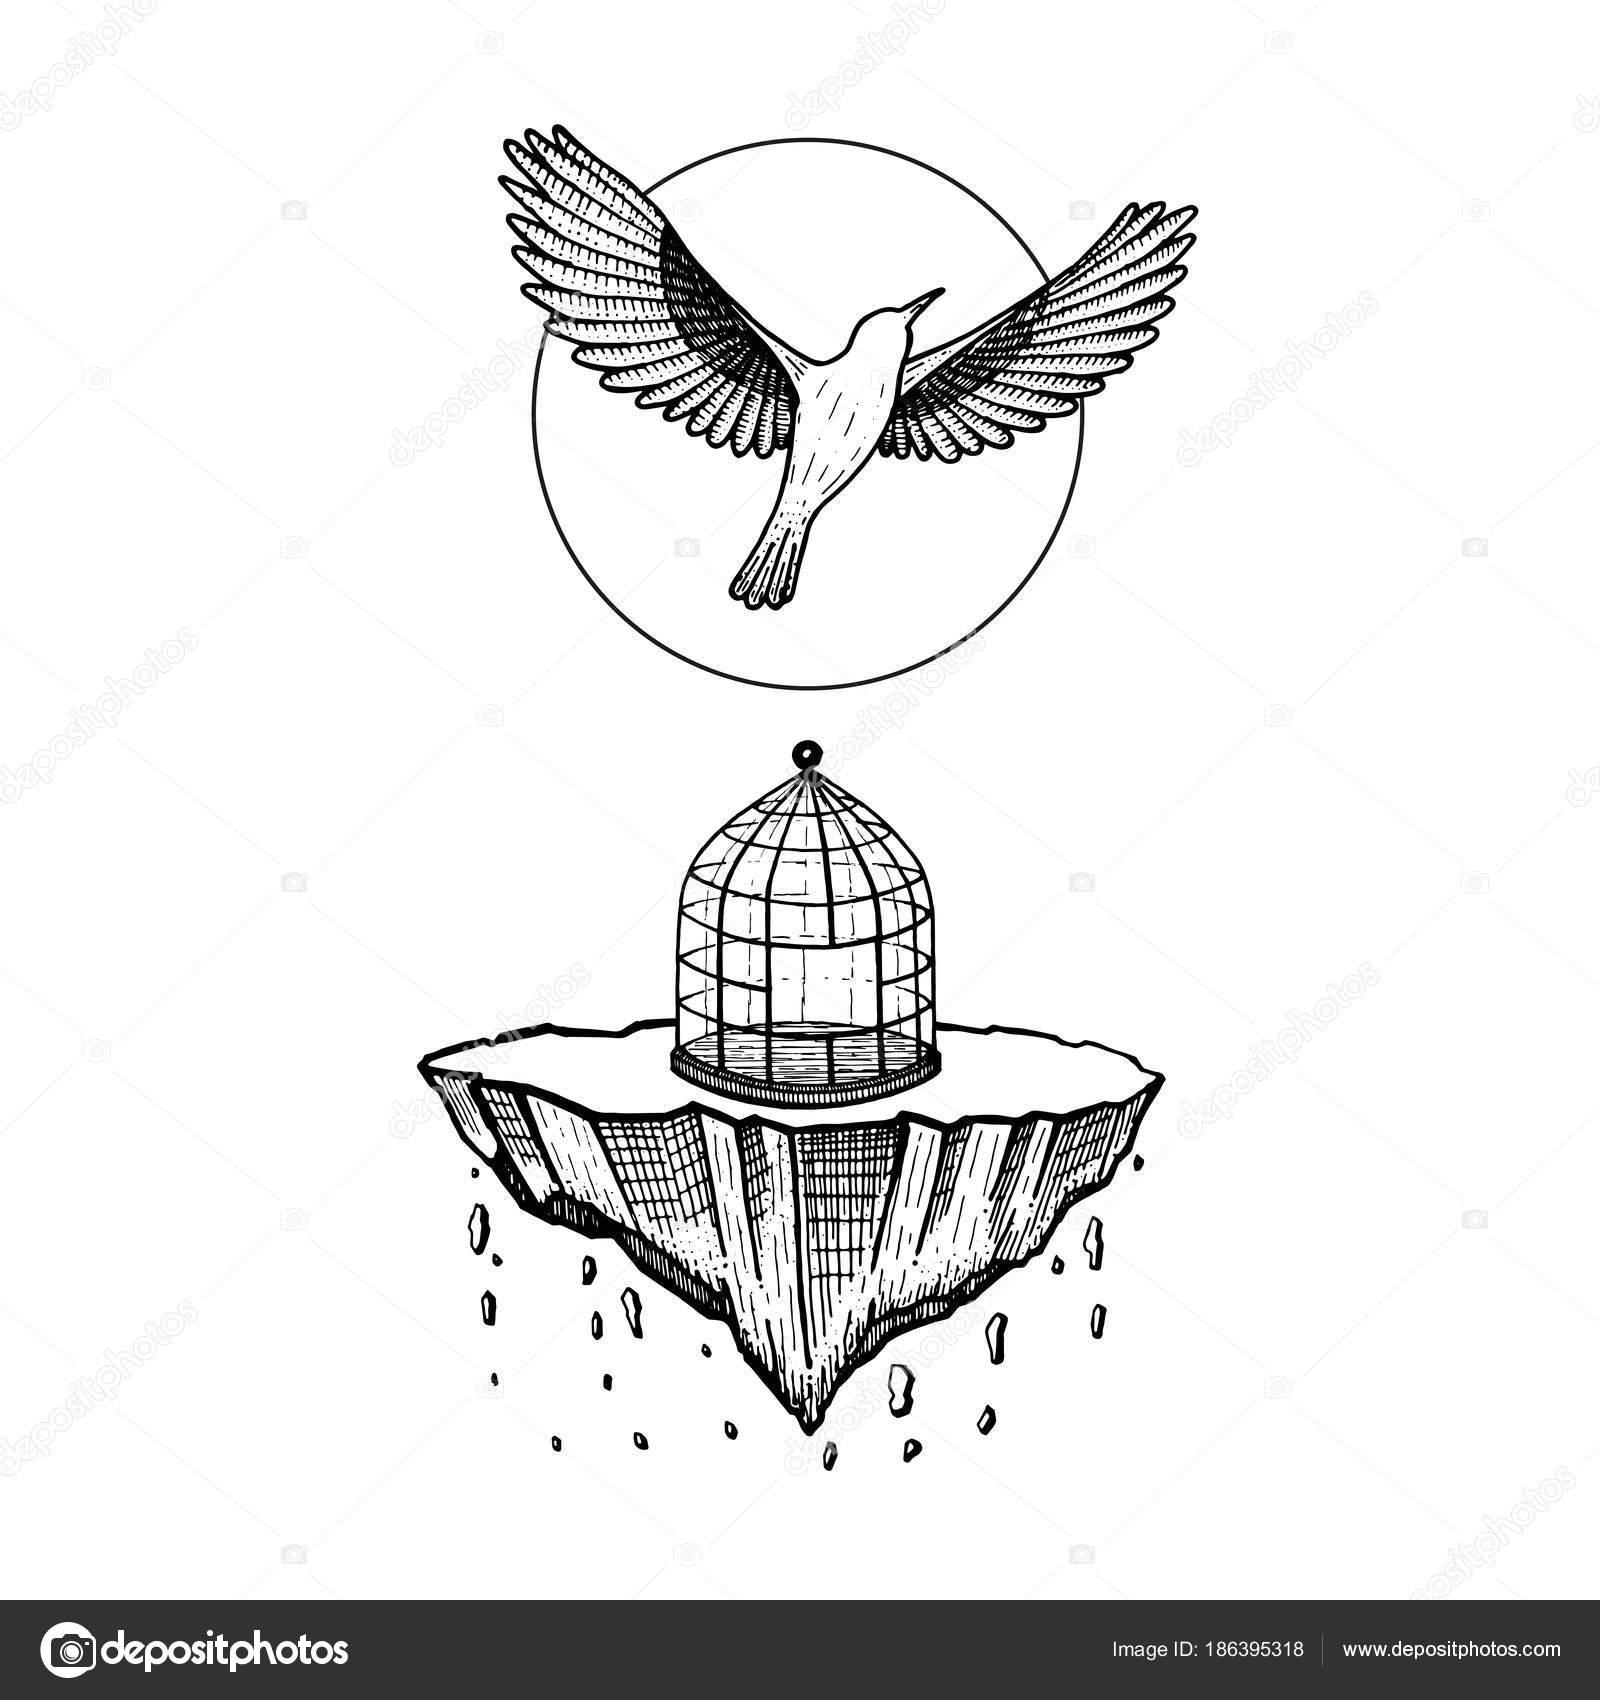 Dessin Oiseau Mouche oiseau de cage. le monde s'effondre. pierre tombe. oiseau mouche au